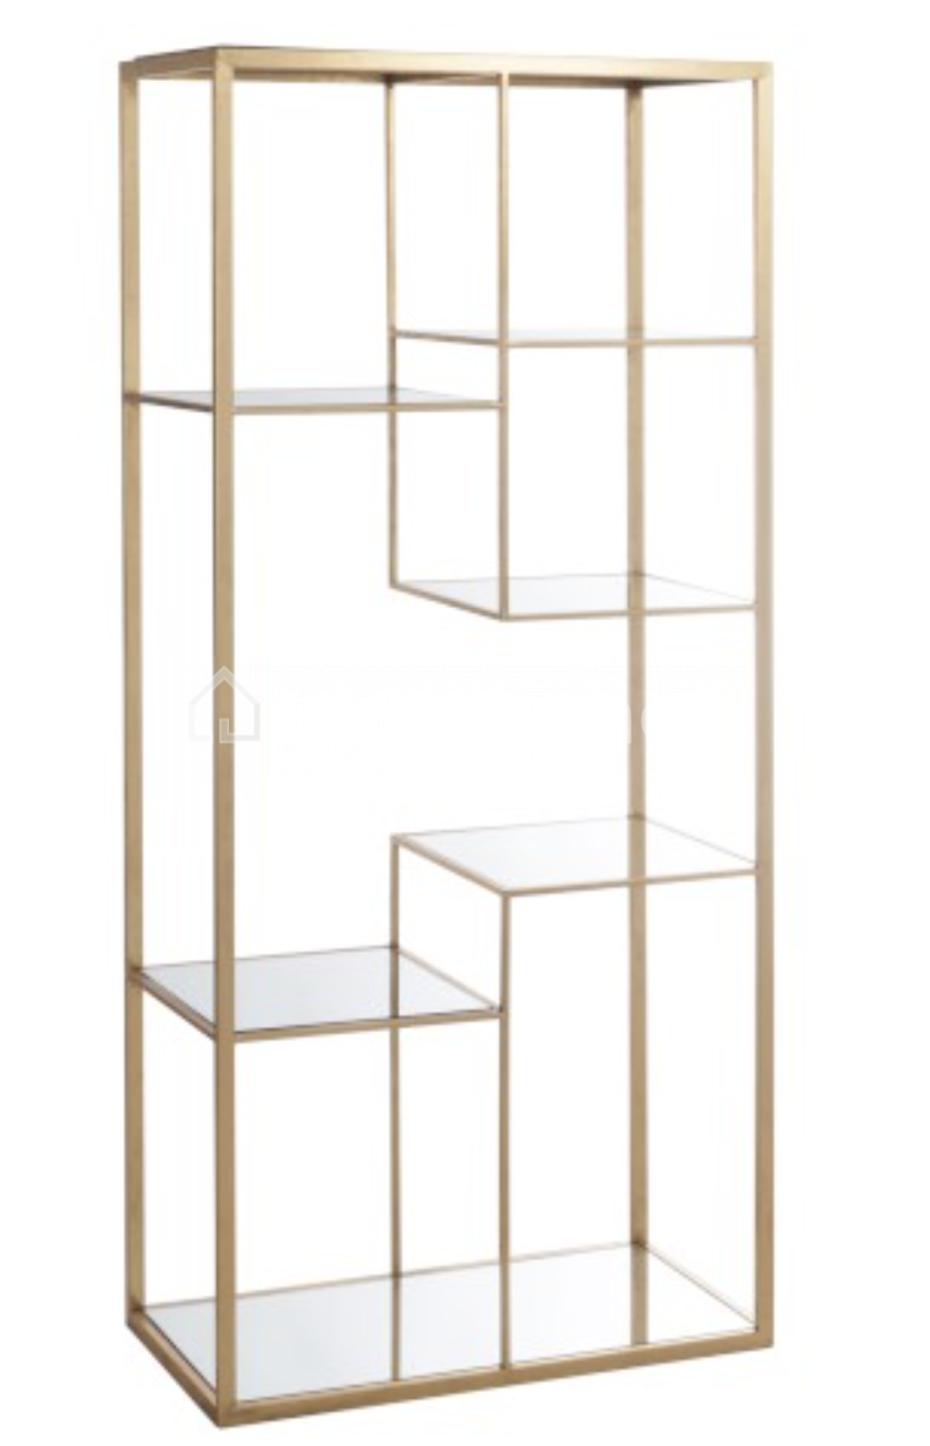 Rack 4 shelves metal / glass gold J-Line online | LIVING-shop online ...